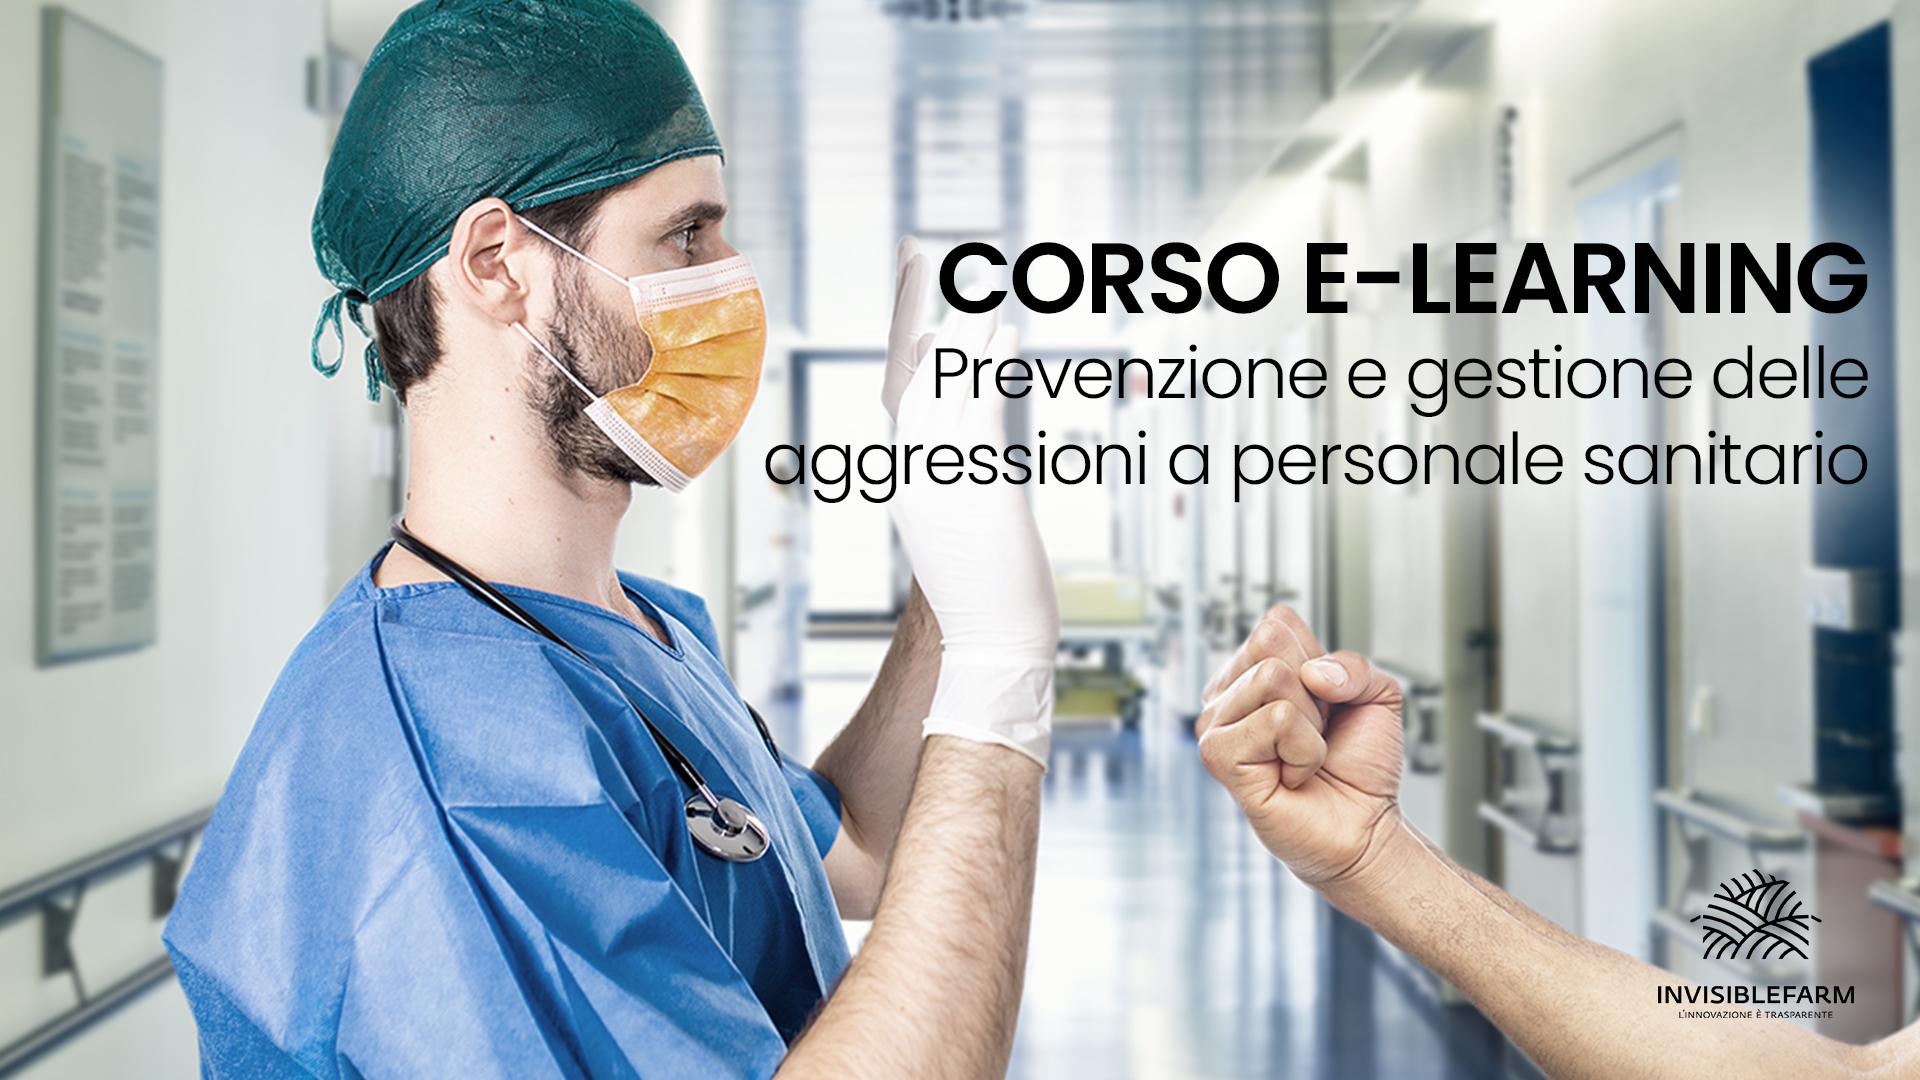 corso-aggressioni-personale-sanitario